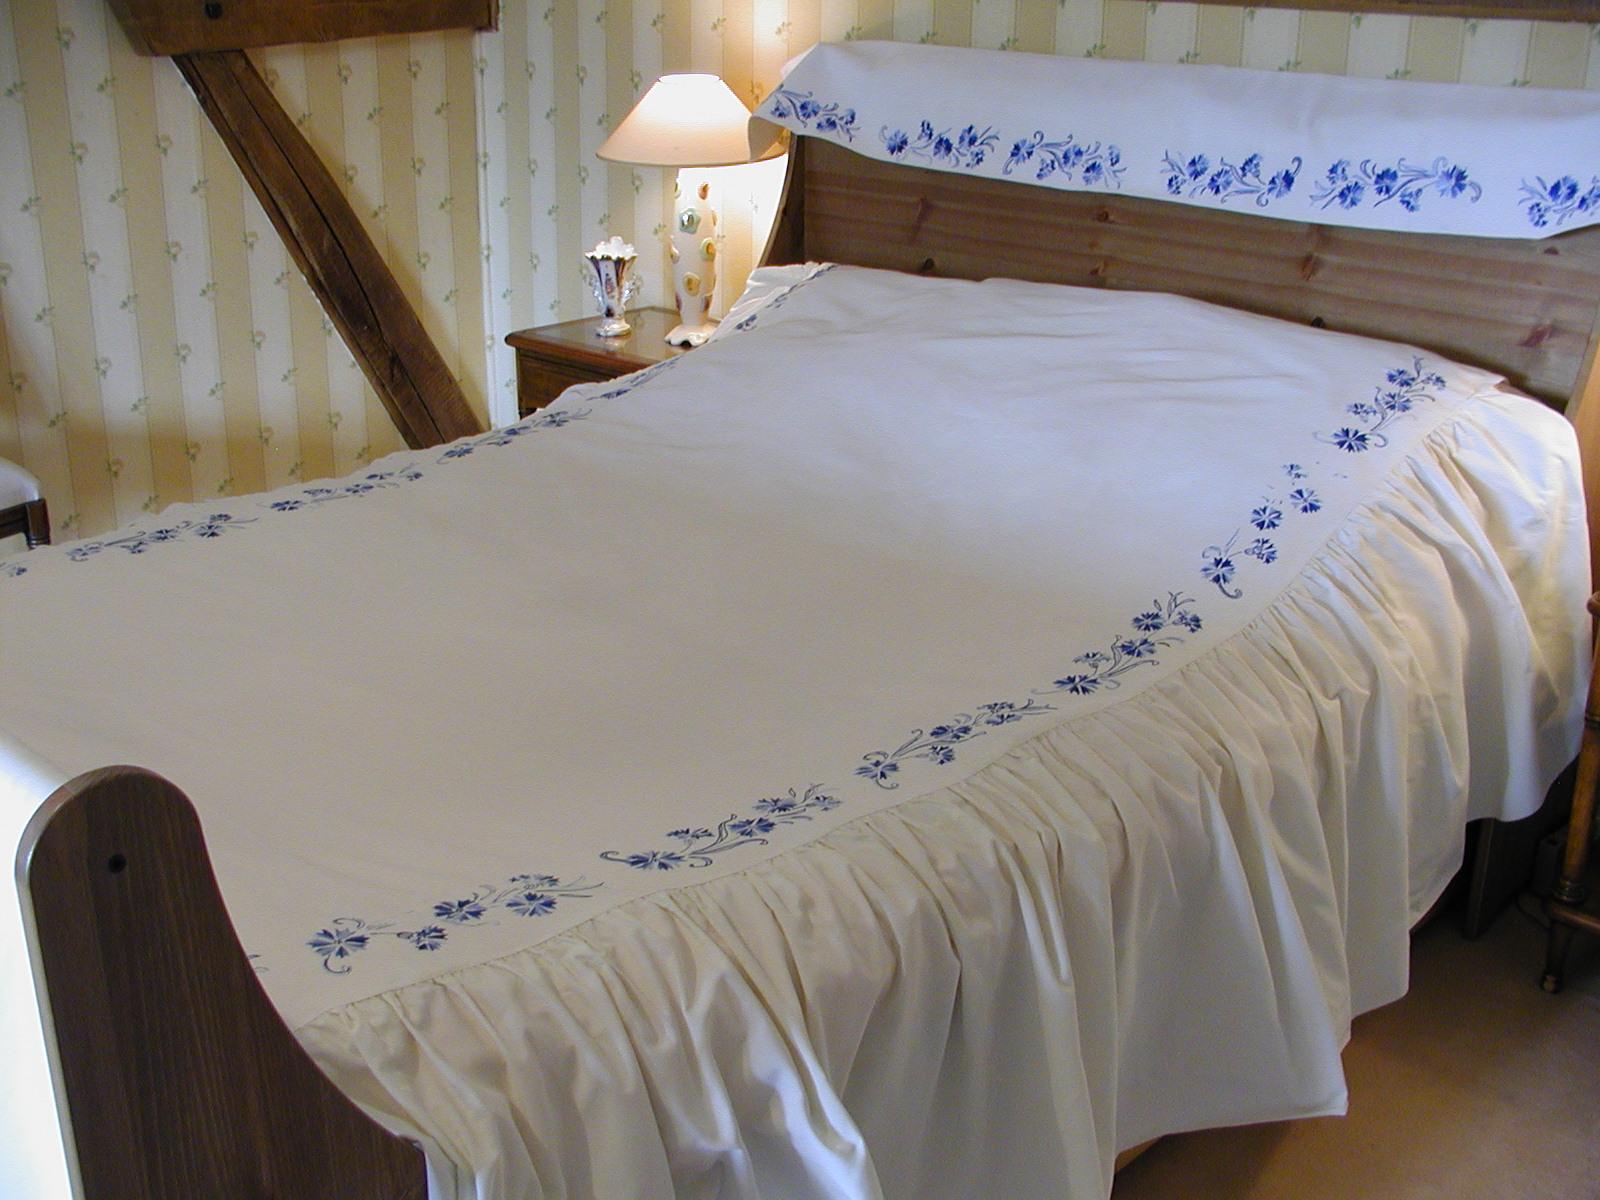 Couvre lit et rideaux coordonnes 28 images couvre lit - Boutis et rideaux assortis ...